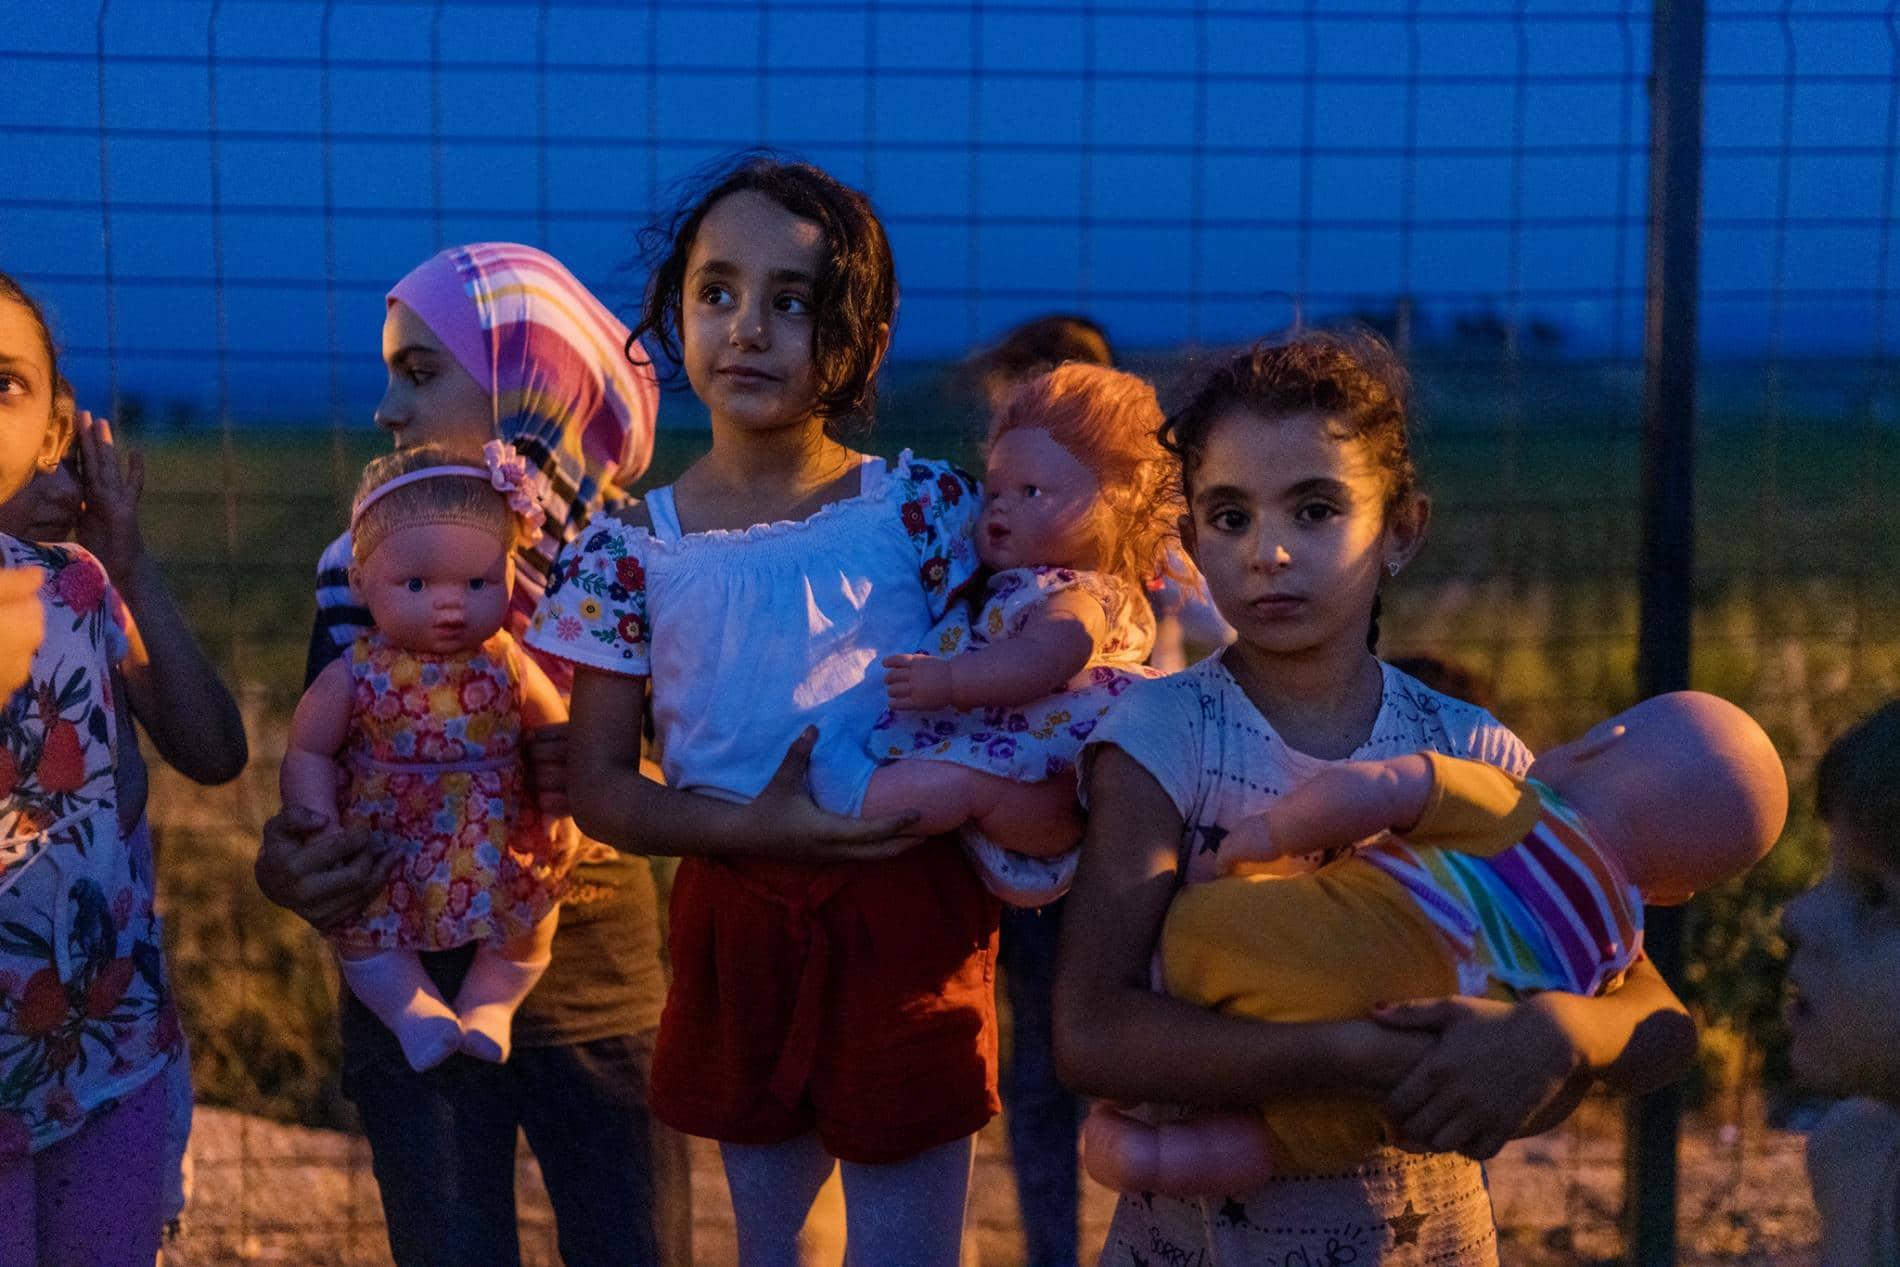 TURČIJASirske deklice v begun-skem taborišču Boynuyo-gun v provinci Hatay se pred spanjem igrajo s punčkami. Podnevi je  zunaj prevroče za igro, zato gredo popoldne počivat in odidejo na igrišče zvečer.